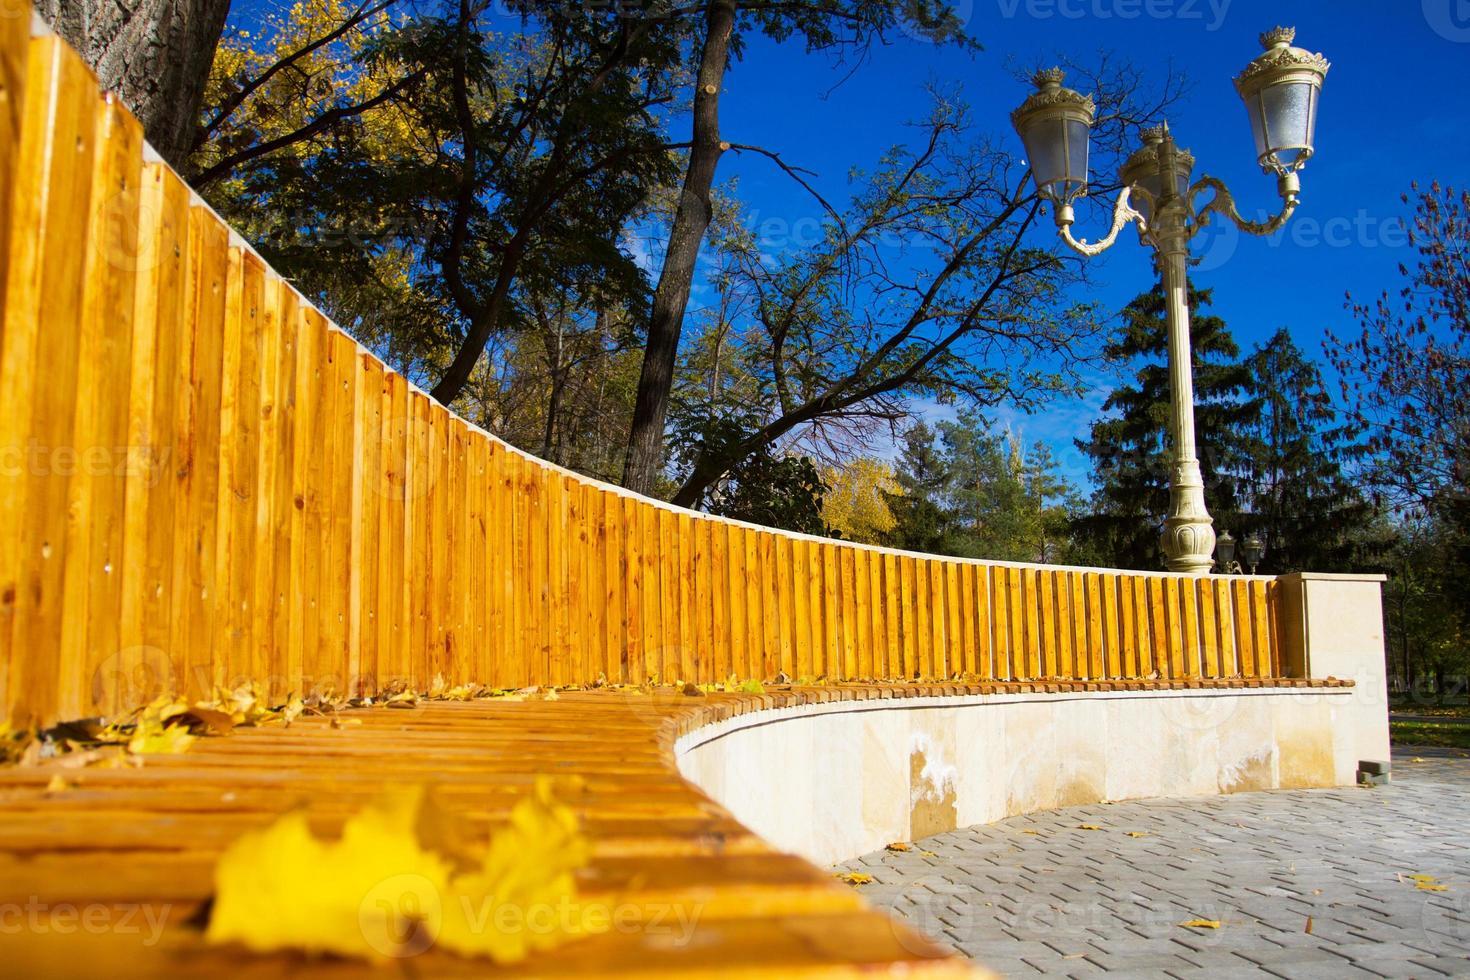 panca di legno nel parco d'autunno foto